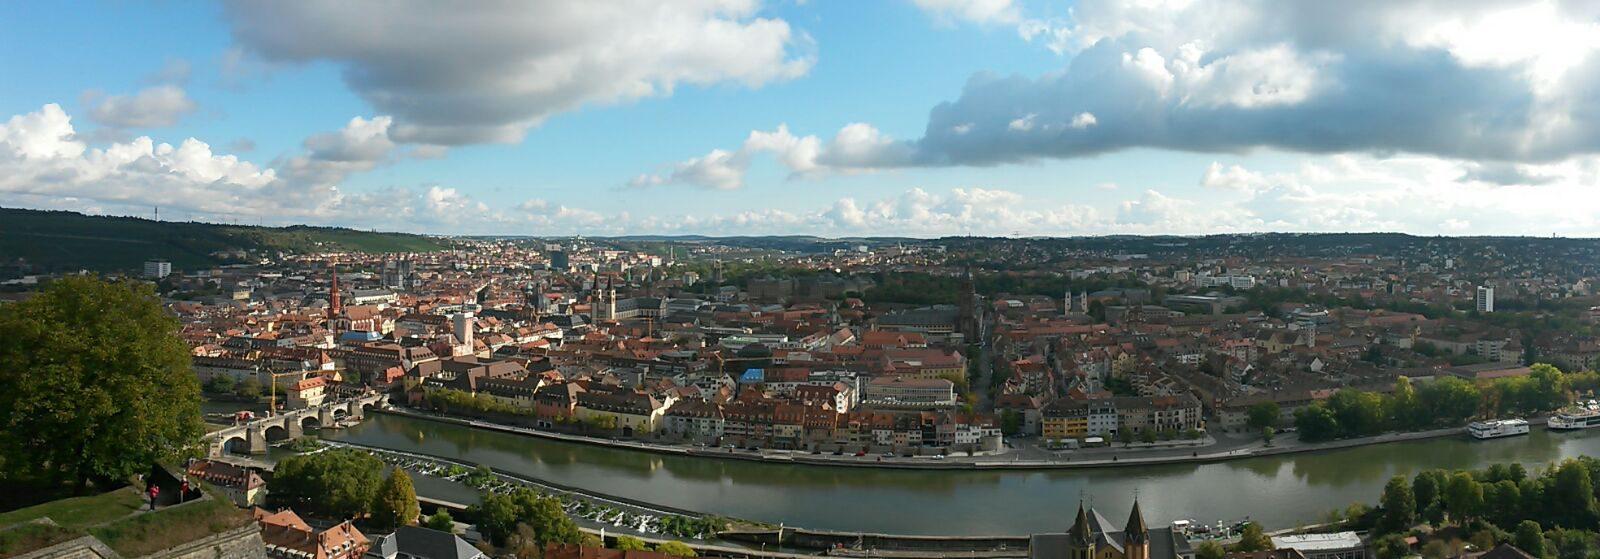 Blick auf Würzburg mit Main